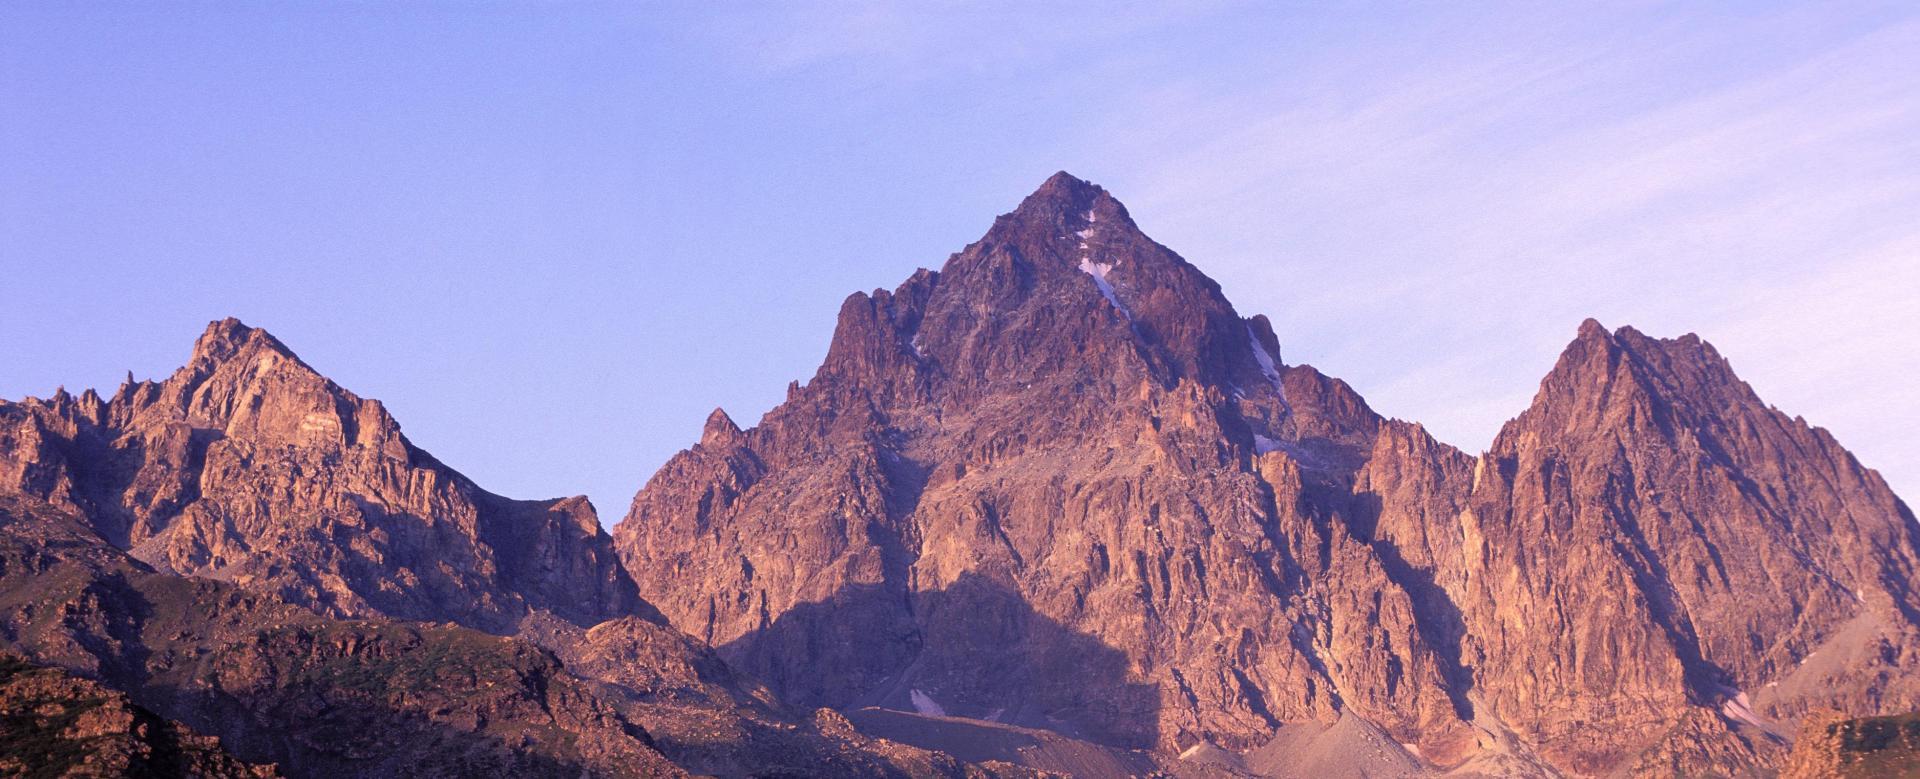 Voyage à pied : Alpes du Nord : Objectif mont viso (3841 m)